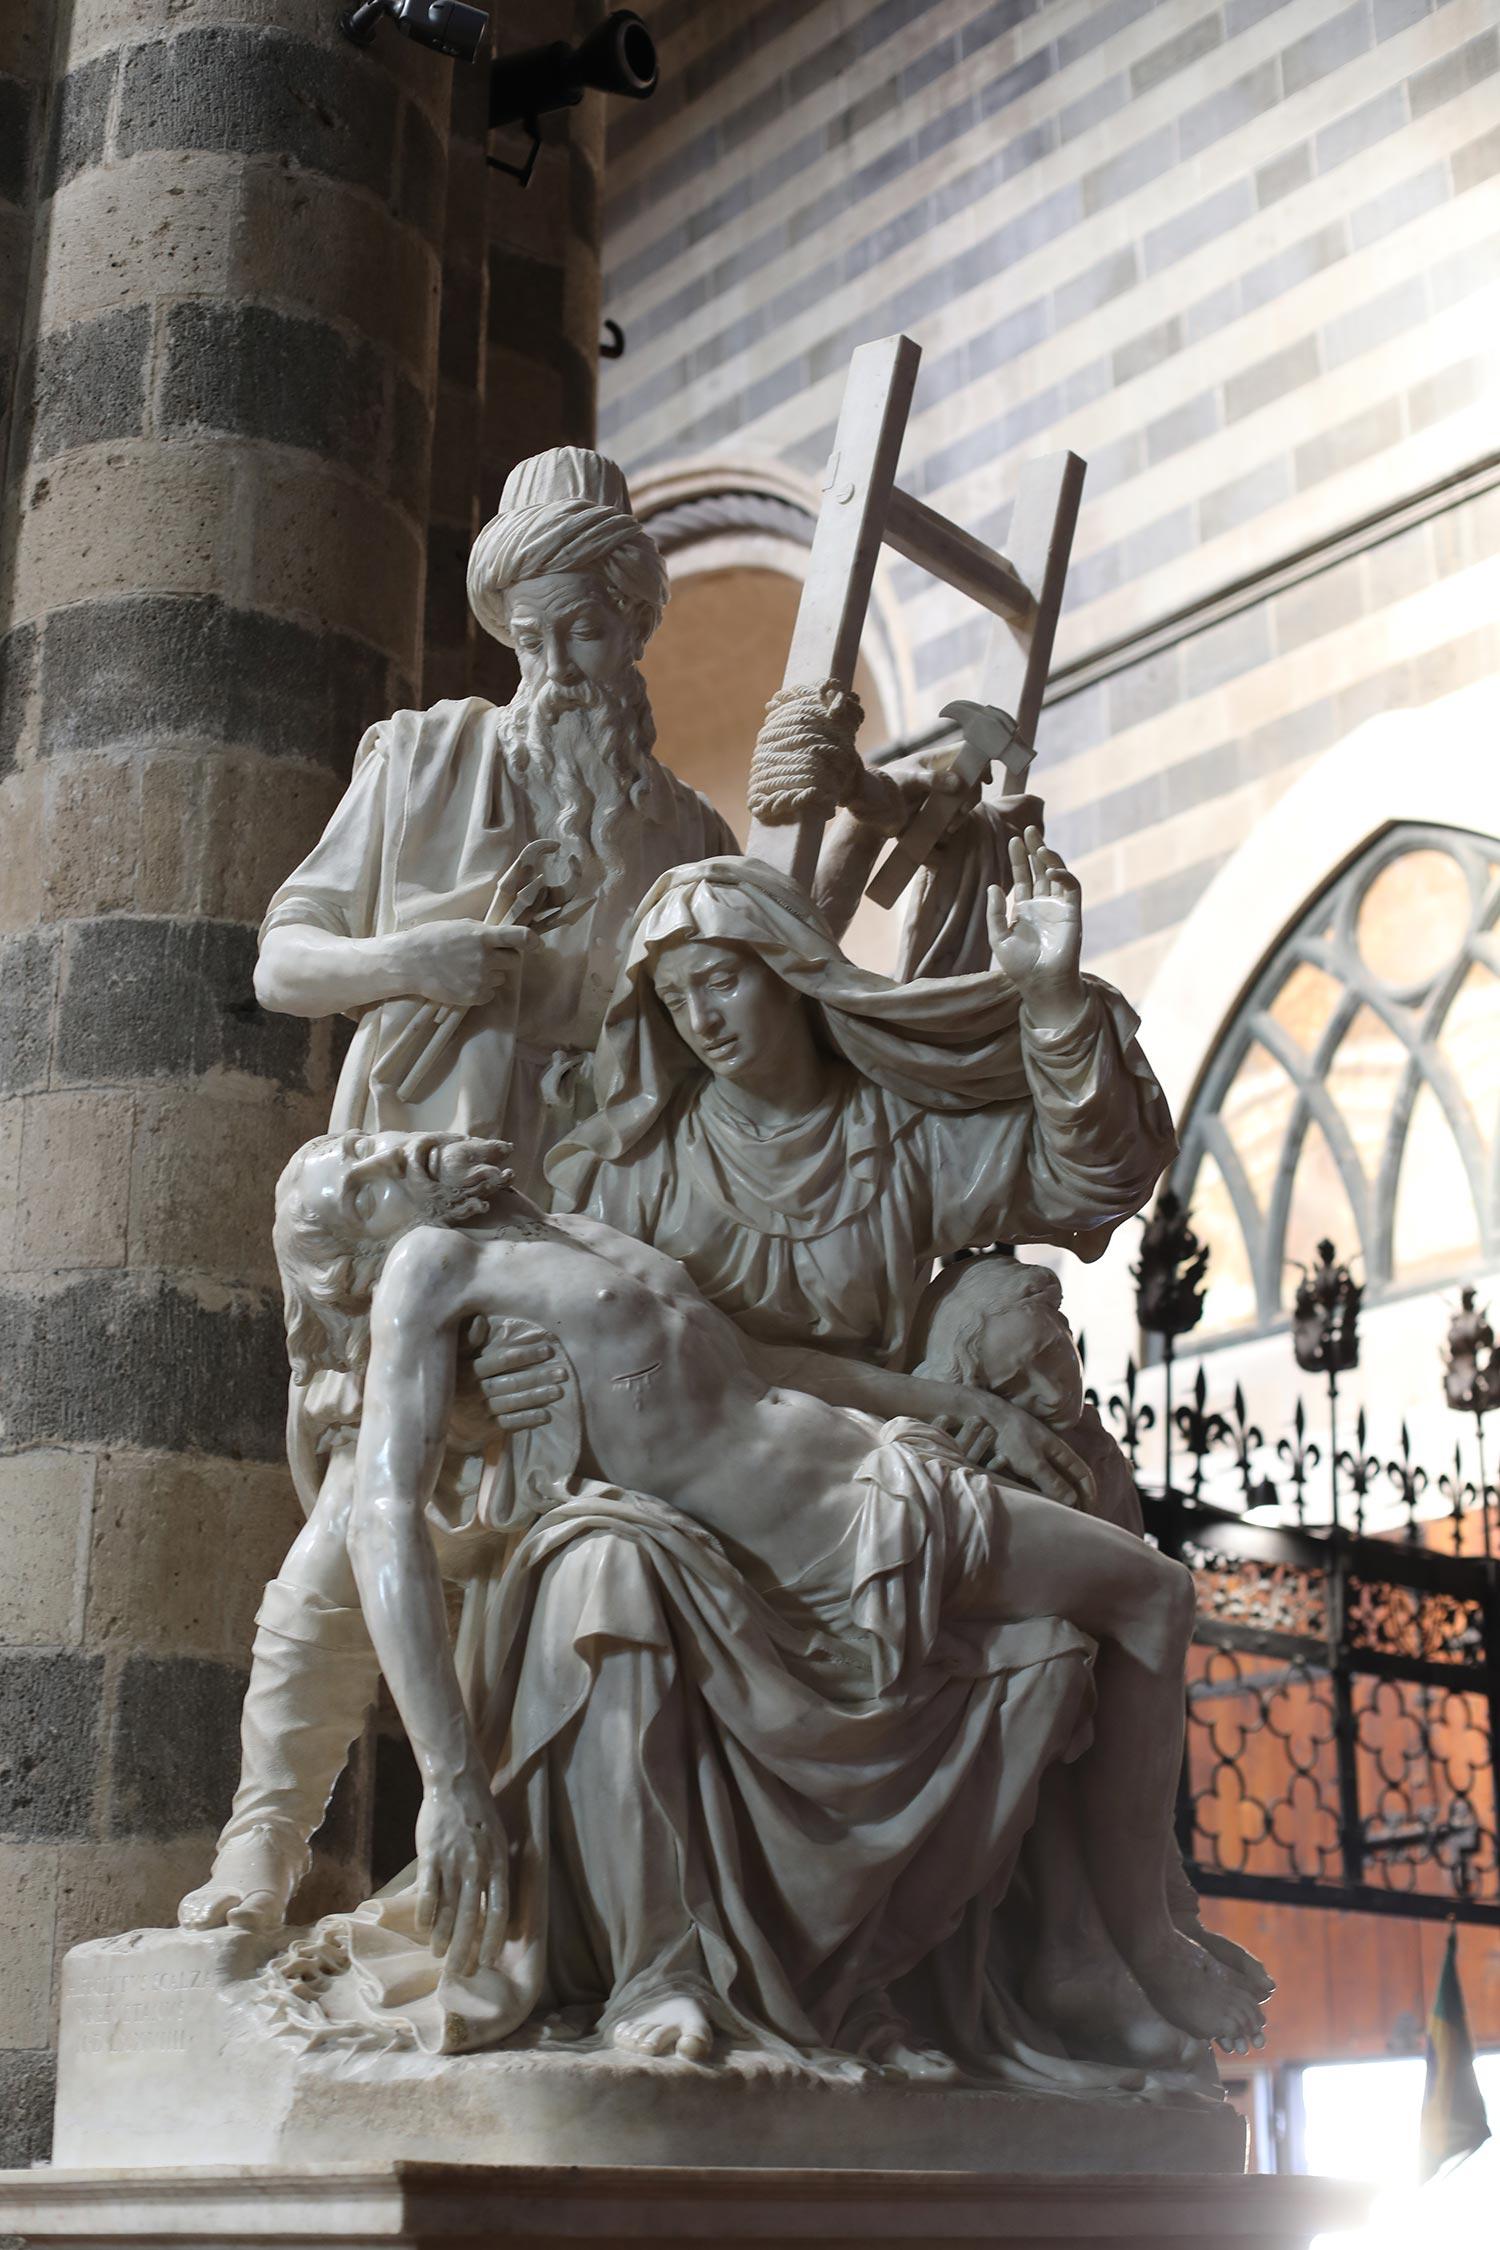 Pilgrimage_Rome_4489_Orvieto.jpg